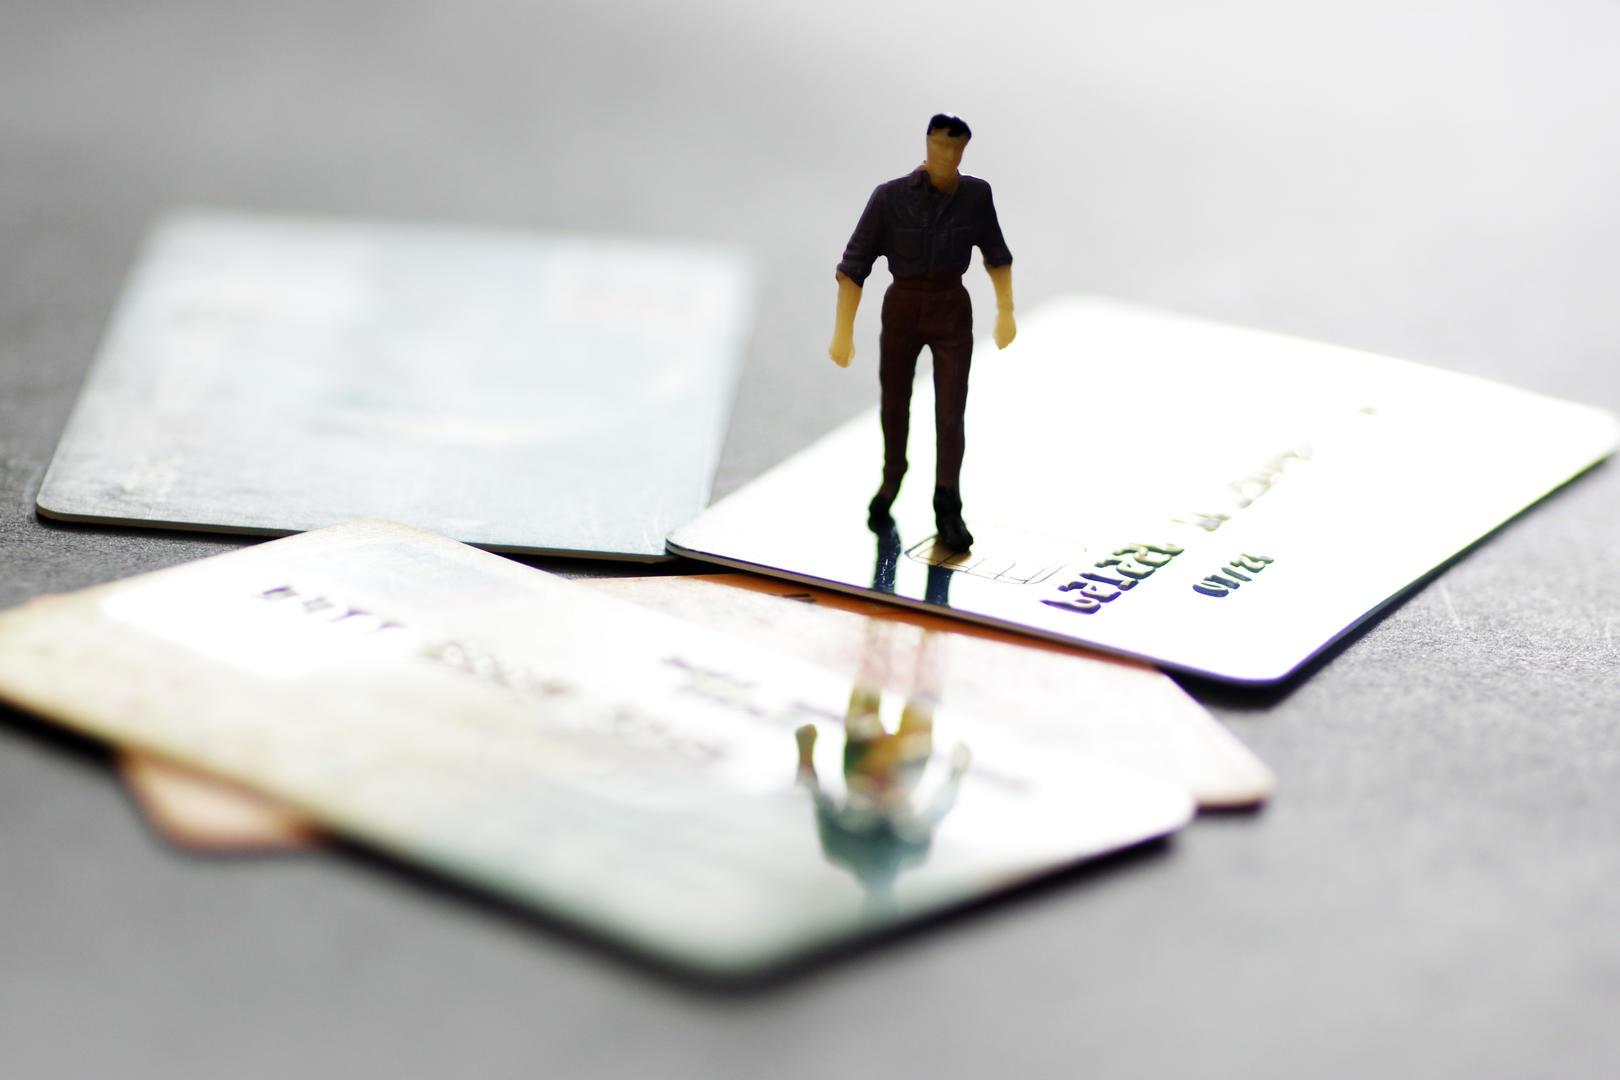 前夫离婚后以夫妻名义办信用卡逾期60余万 法院判夫妻共同偿还,检察机关已介入